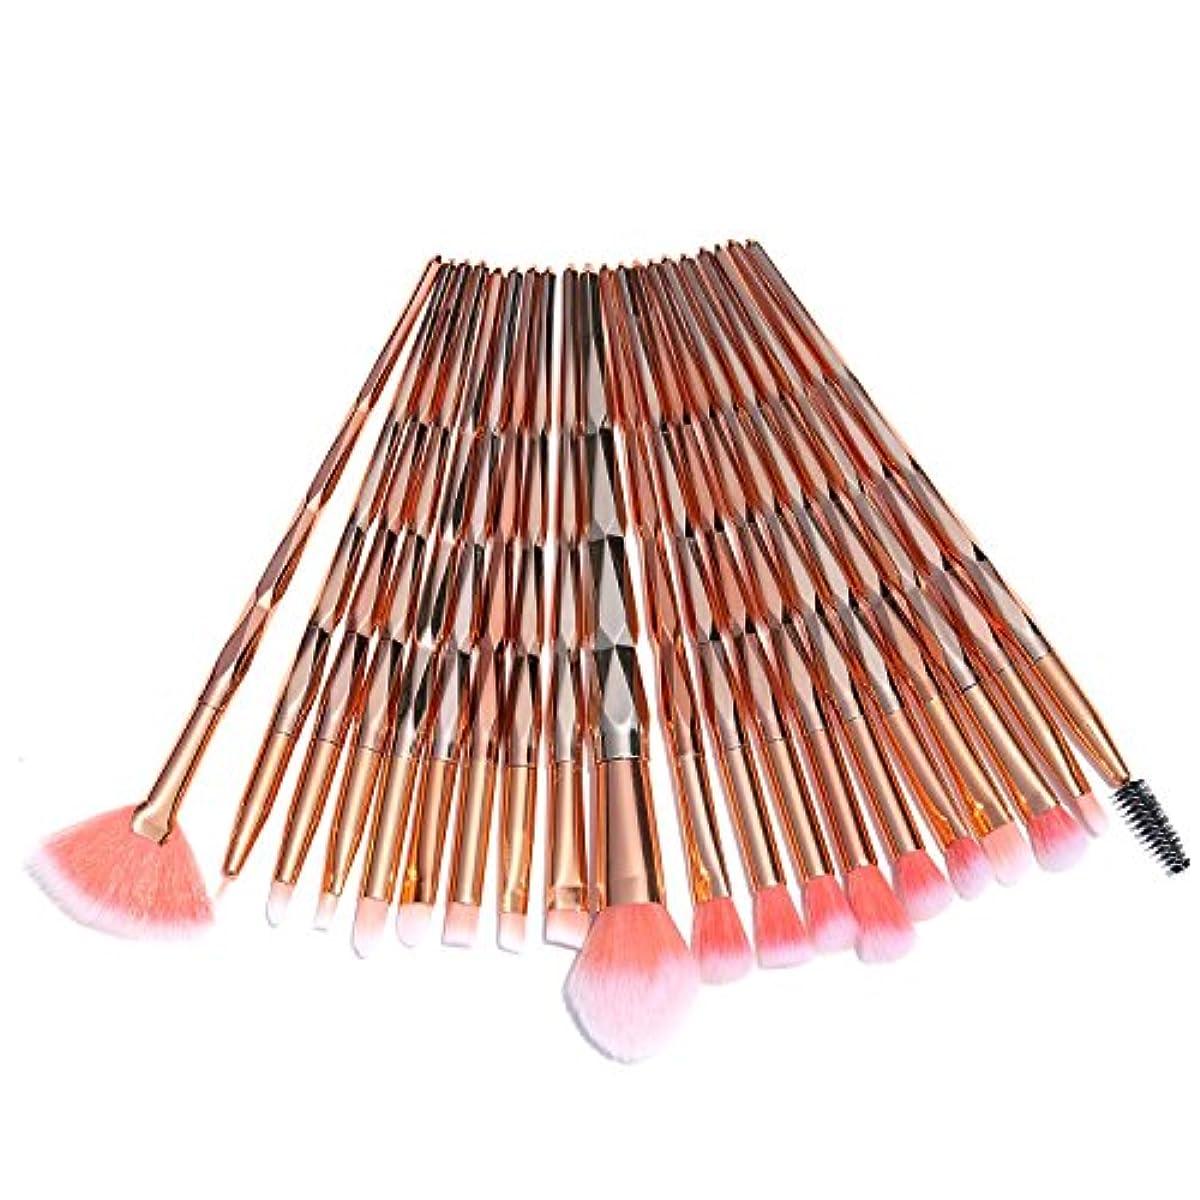 最小化する支配的に付けるAiceBeu アイシャドウブラシ 20本 メイクブラシ (ゴールデン)